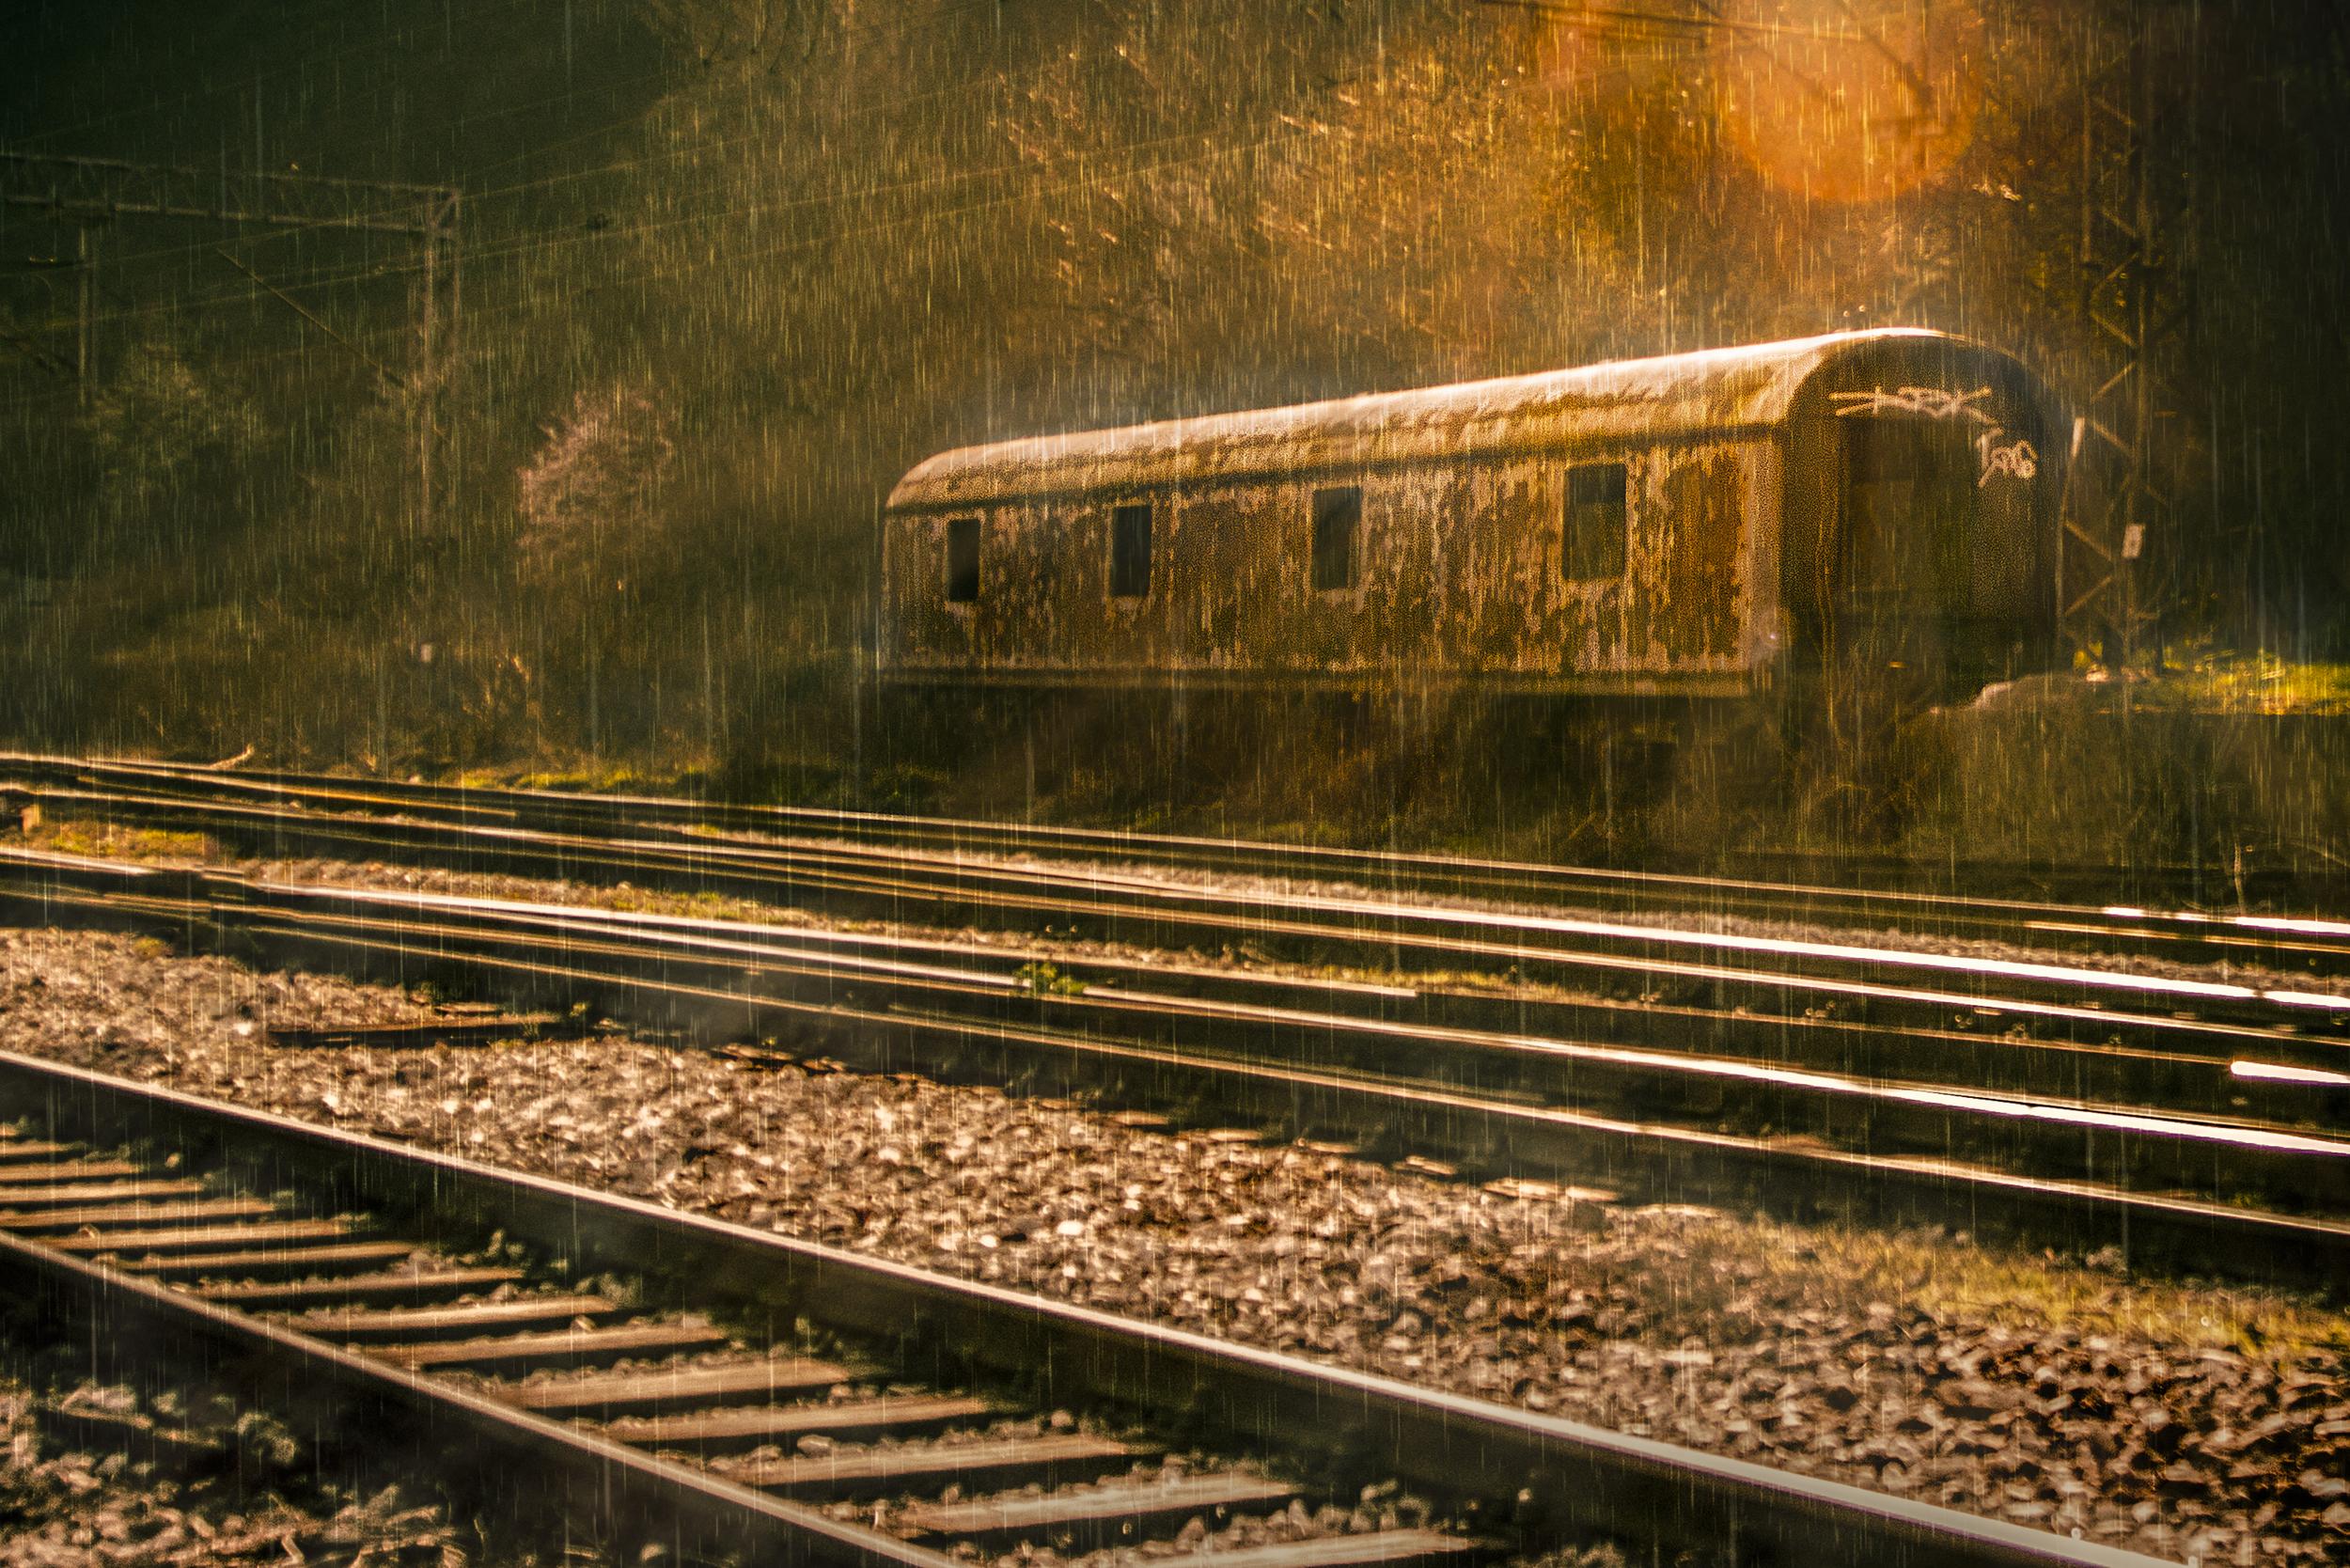 voz sine post vagon dzungla suma2.jpg